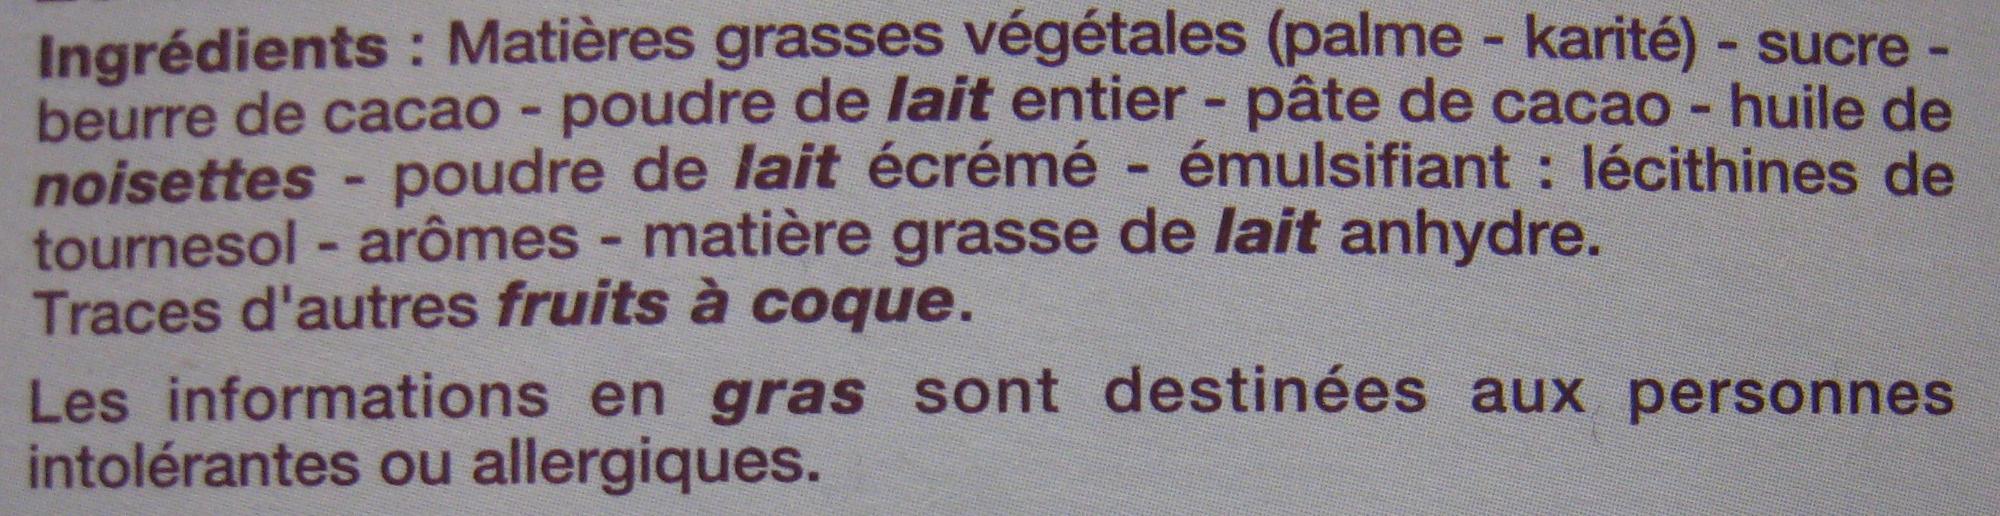 Rêves de chocolat Chocolats Fraîcheur Lait Beaumesnil - Ingredients